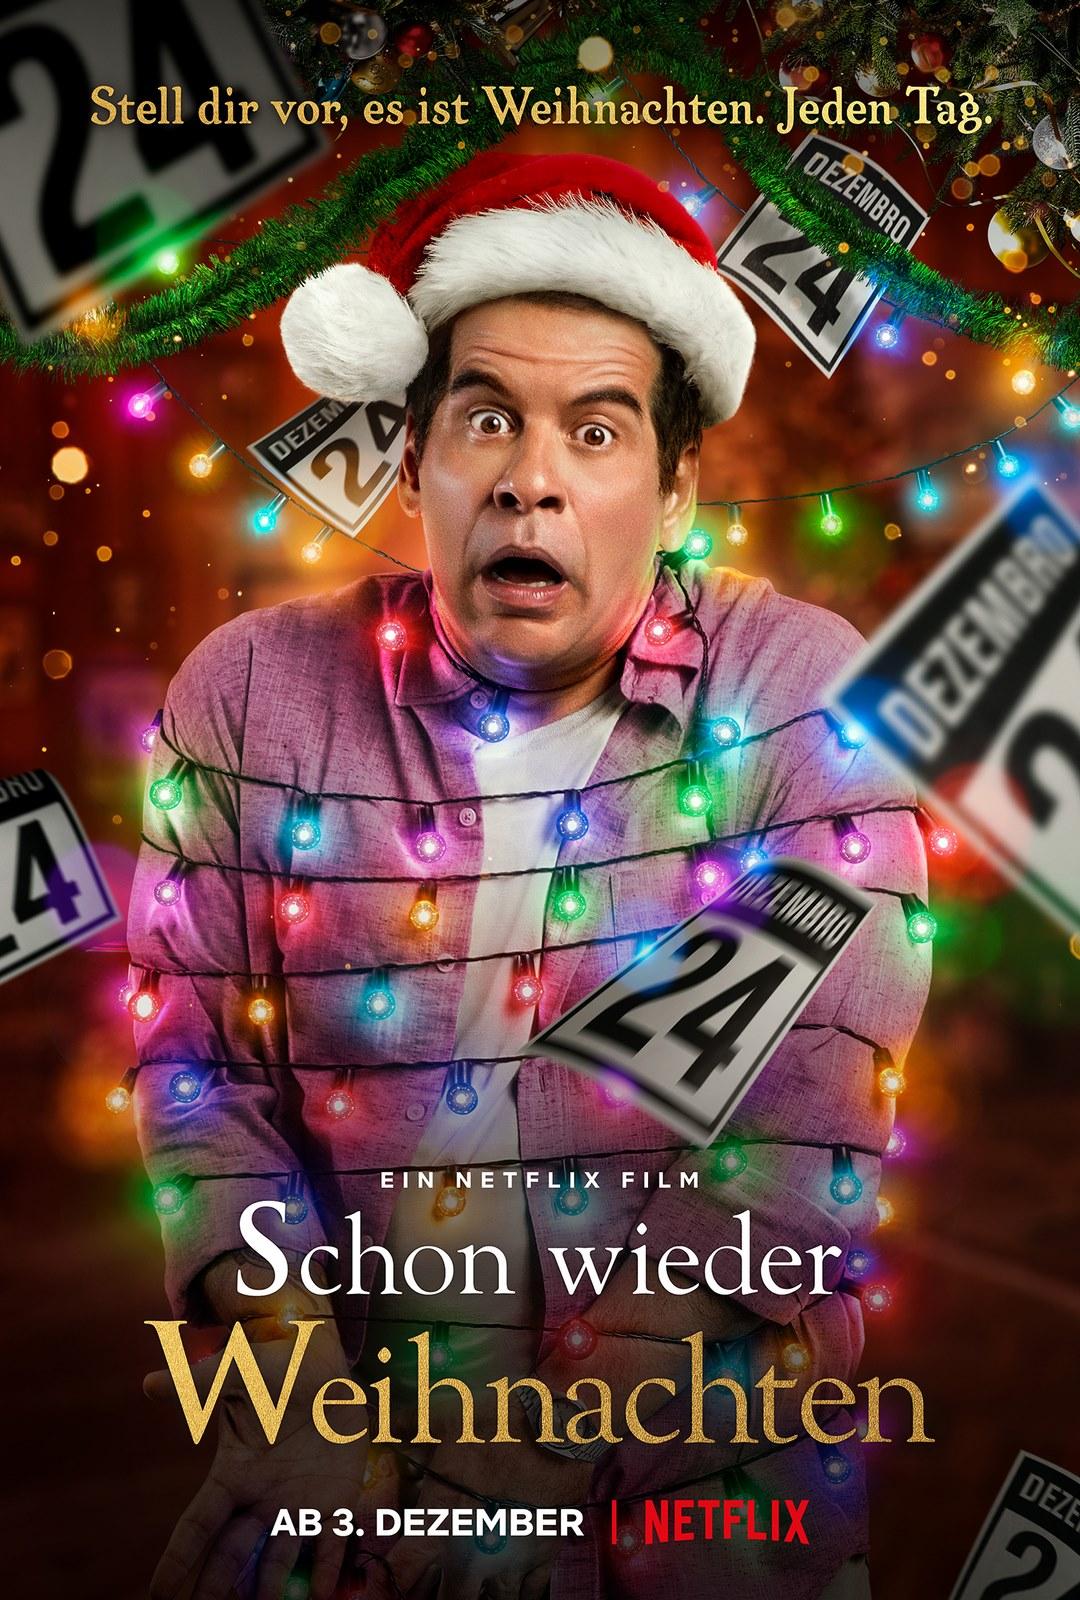 Weihnachten Film